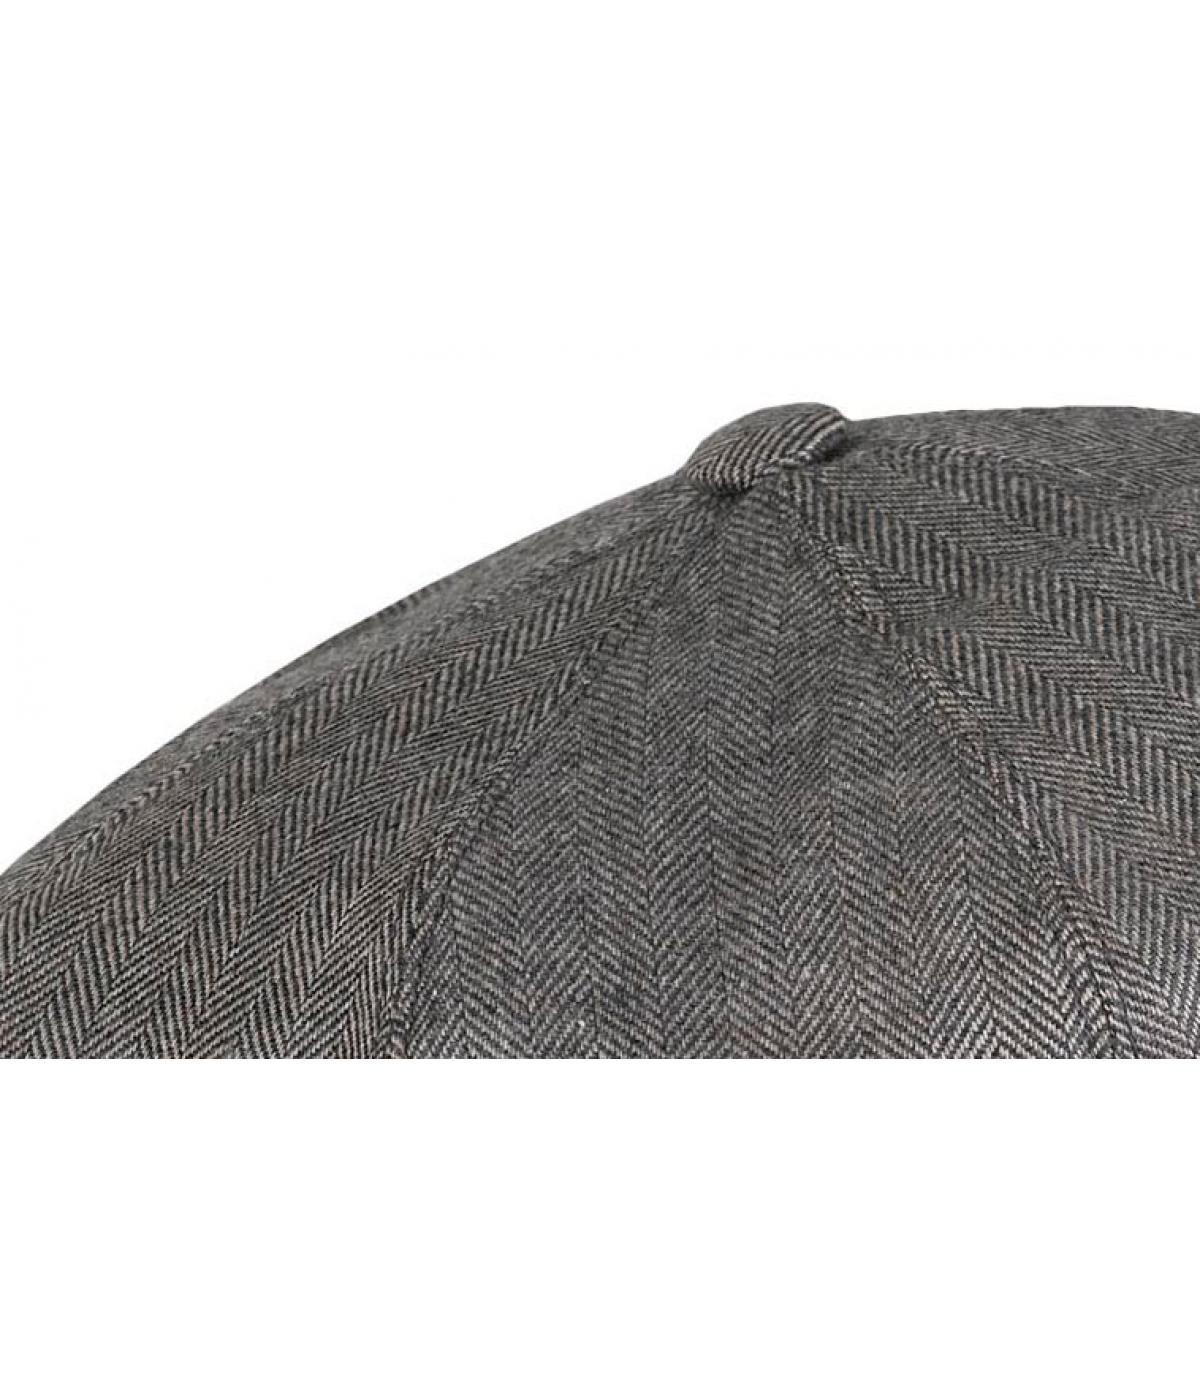 Details Hatteras Wool Cashmere Silk grey - Abbildung 3